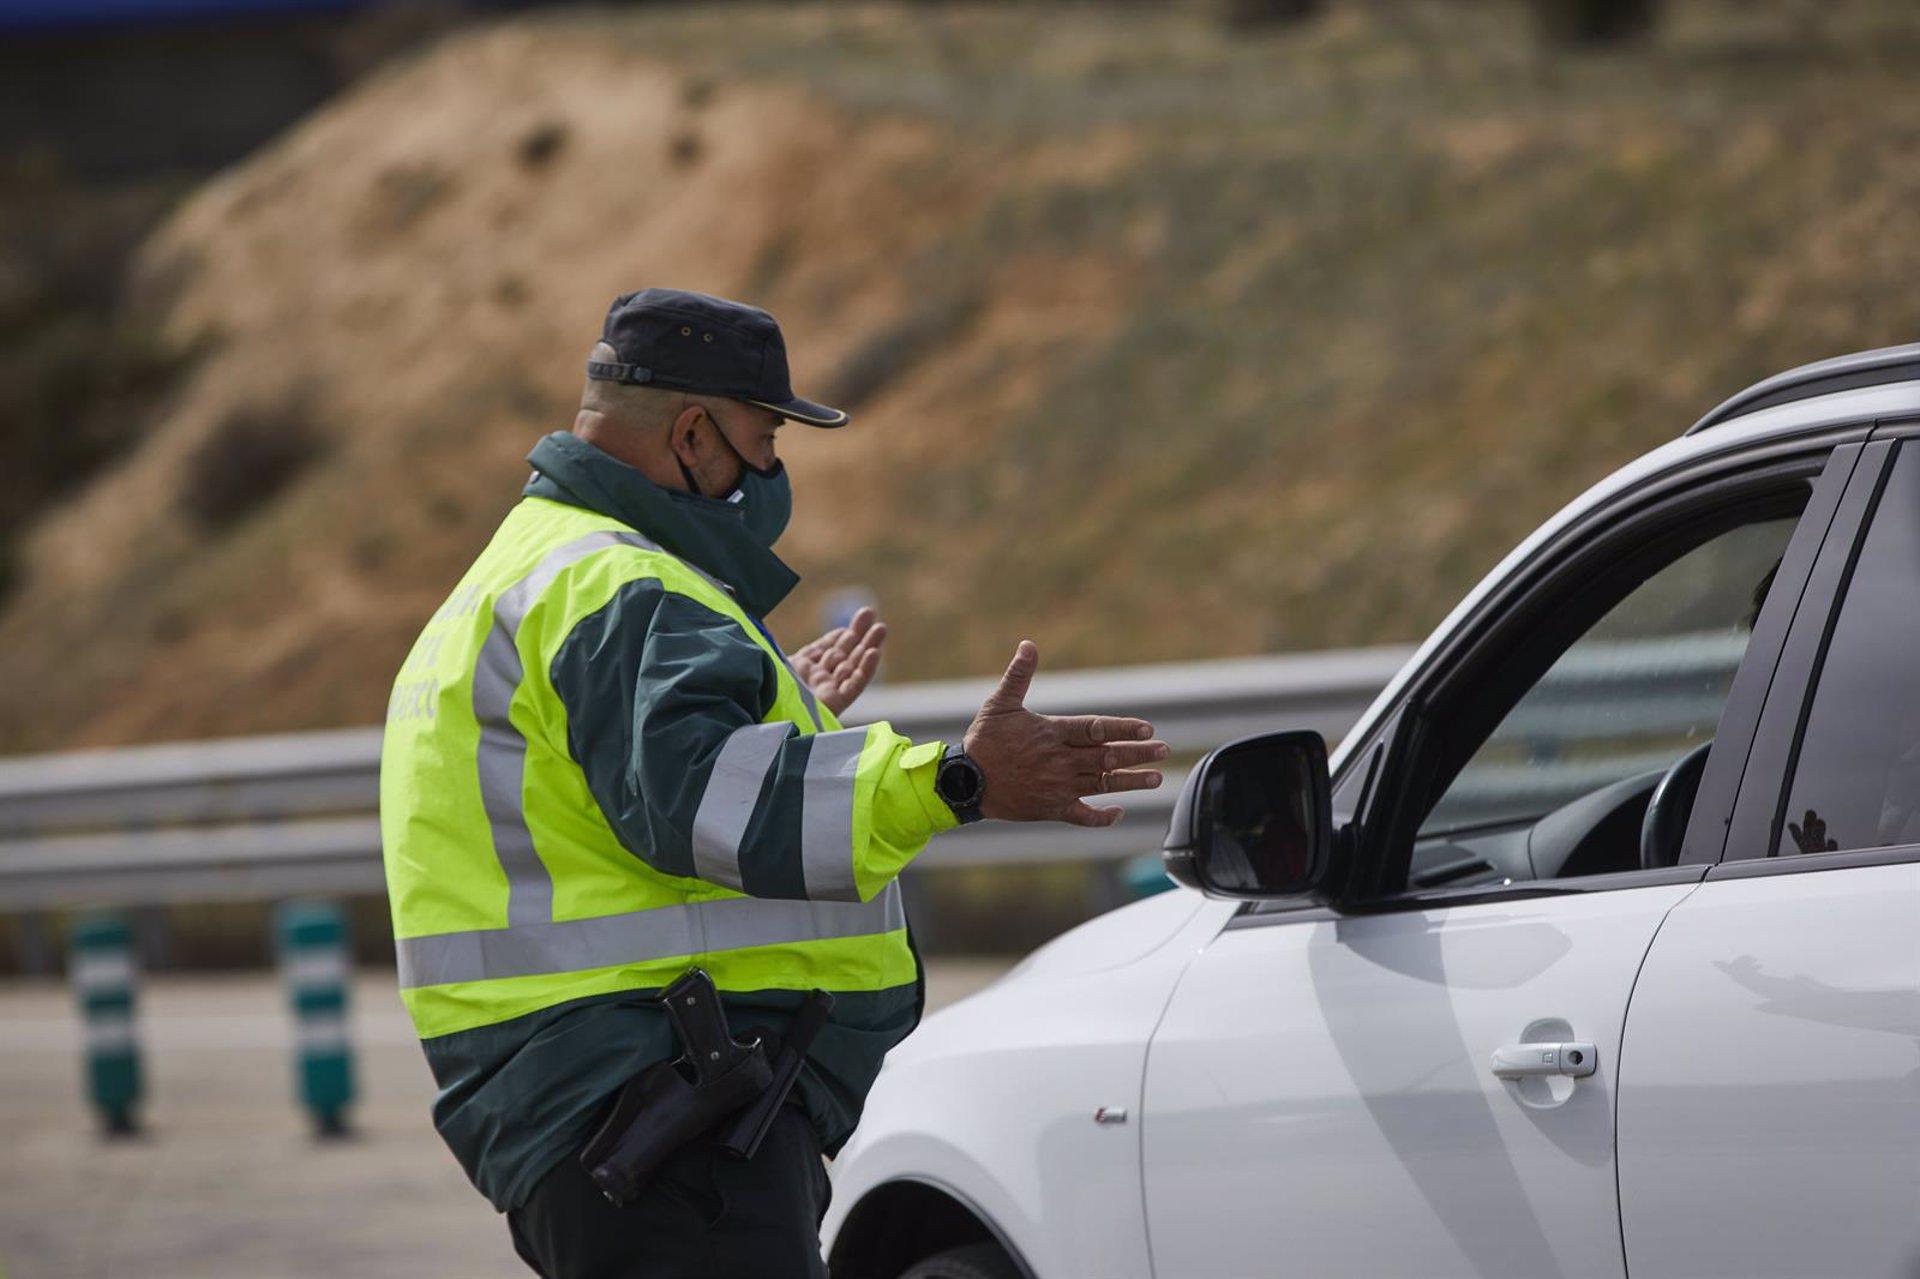 Muere una persona y otra resulta herida al salirse de la calzada su vehículo en Guadahortuna